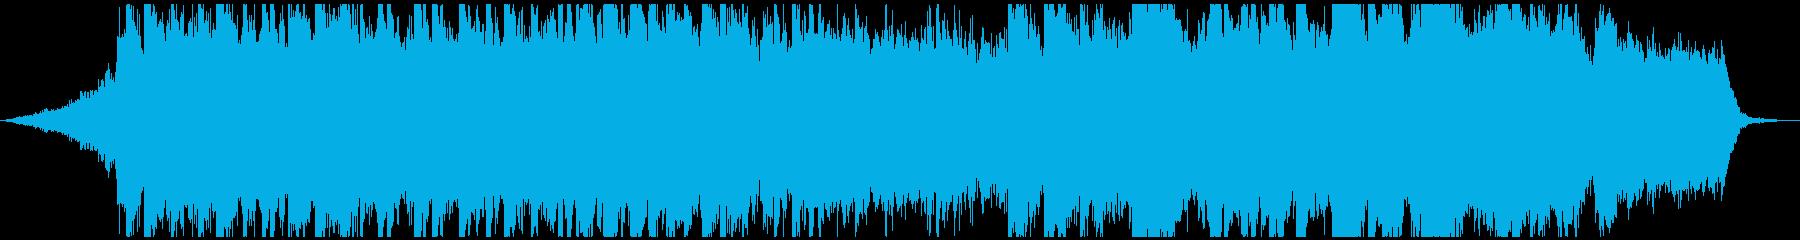 エモーショナルなピアノストリングスBGMの再生済みの波形